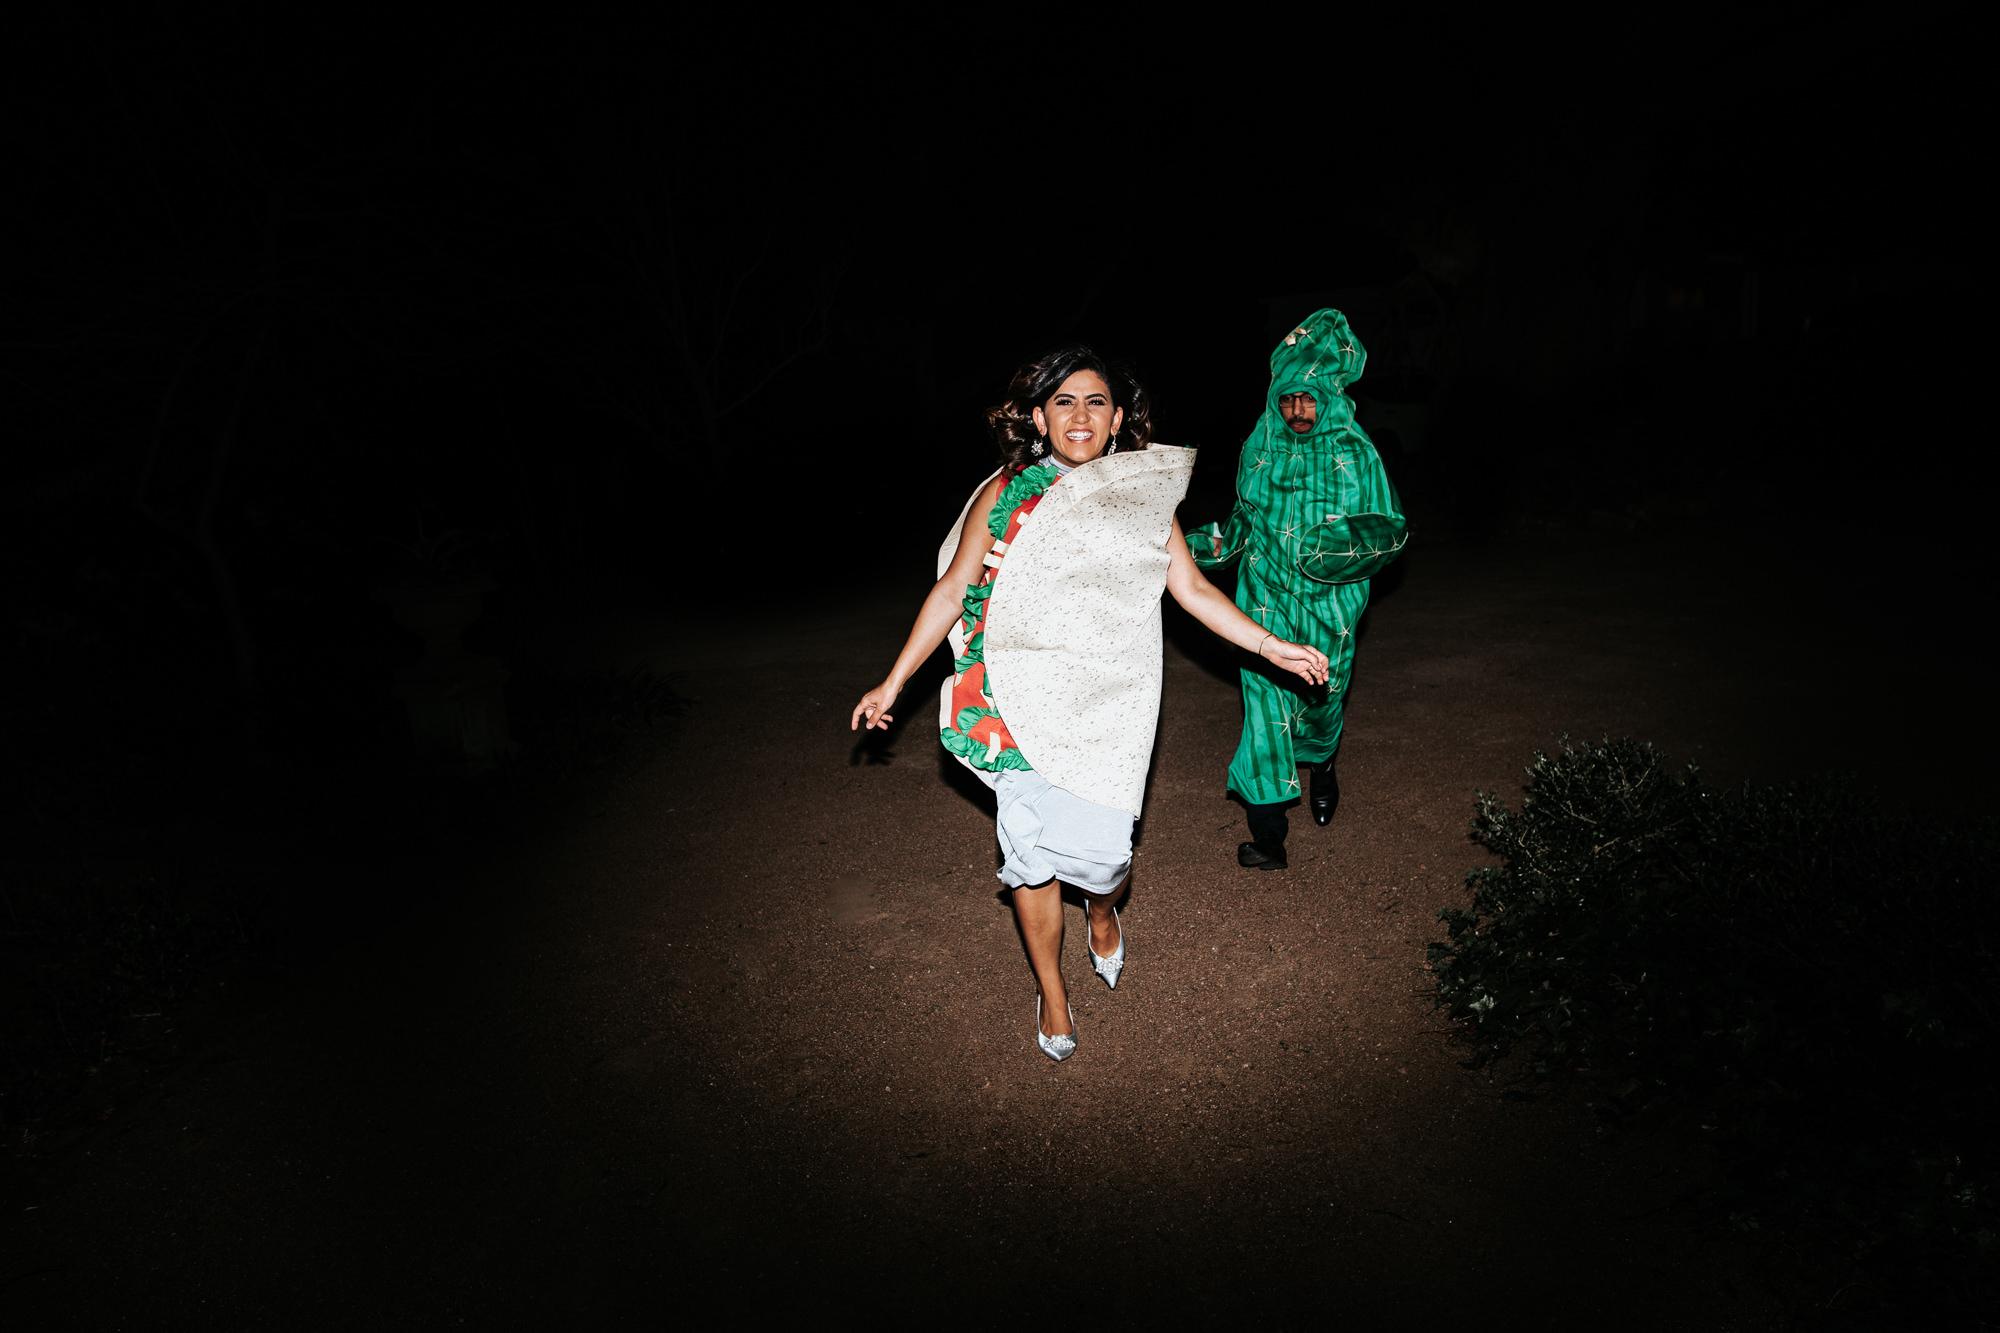 amani-rish-jaspers-wedding-28.jpg